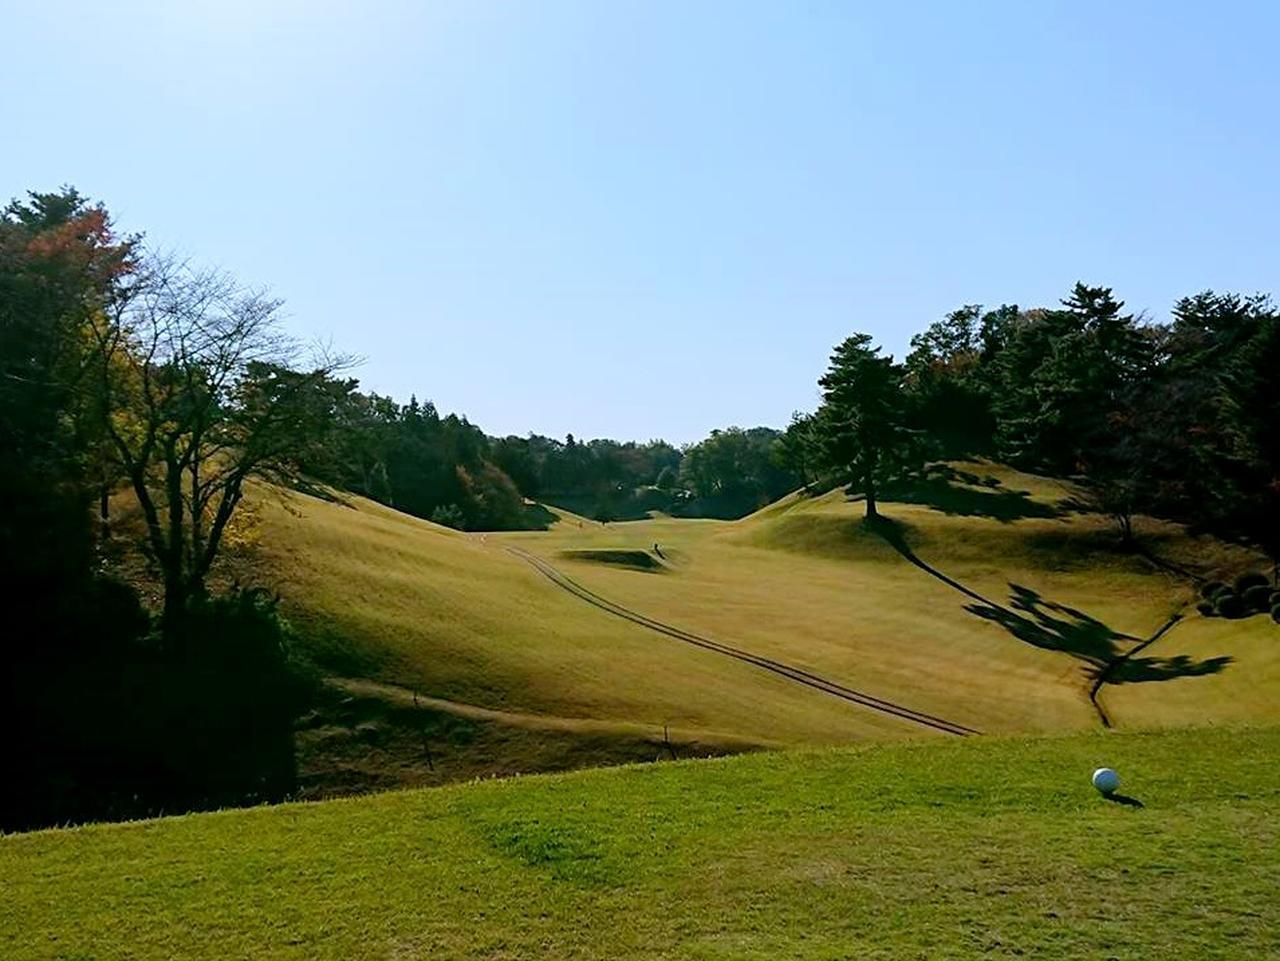 画像1: 東京国際ゴルフ倶楽部(18H・6615Y・P72)小田急線唐木田駅よりタクシー3分